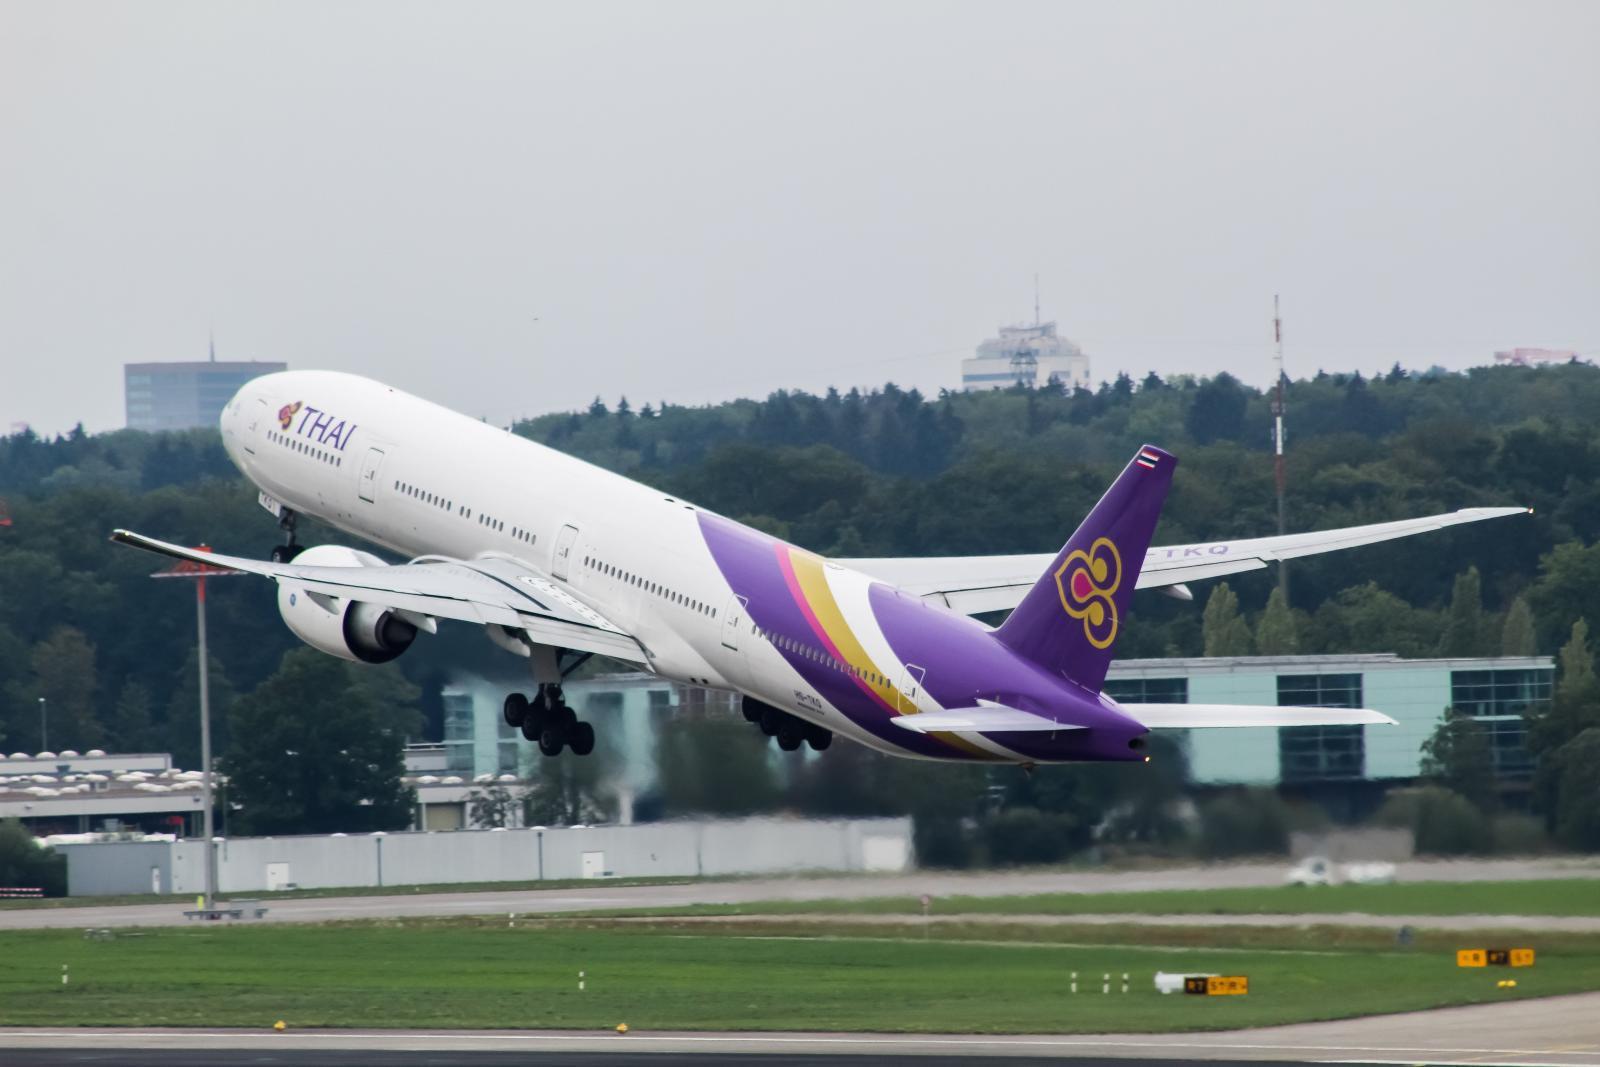 """บอร์ดการบินไทย สั่งทบทวนแผนซื้อฝูงบิน 38 ลำ ใน 6 เดือน  - """"สุเมธ"""" ผ่าน KPI หวุดหวิด"""